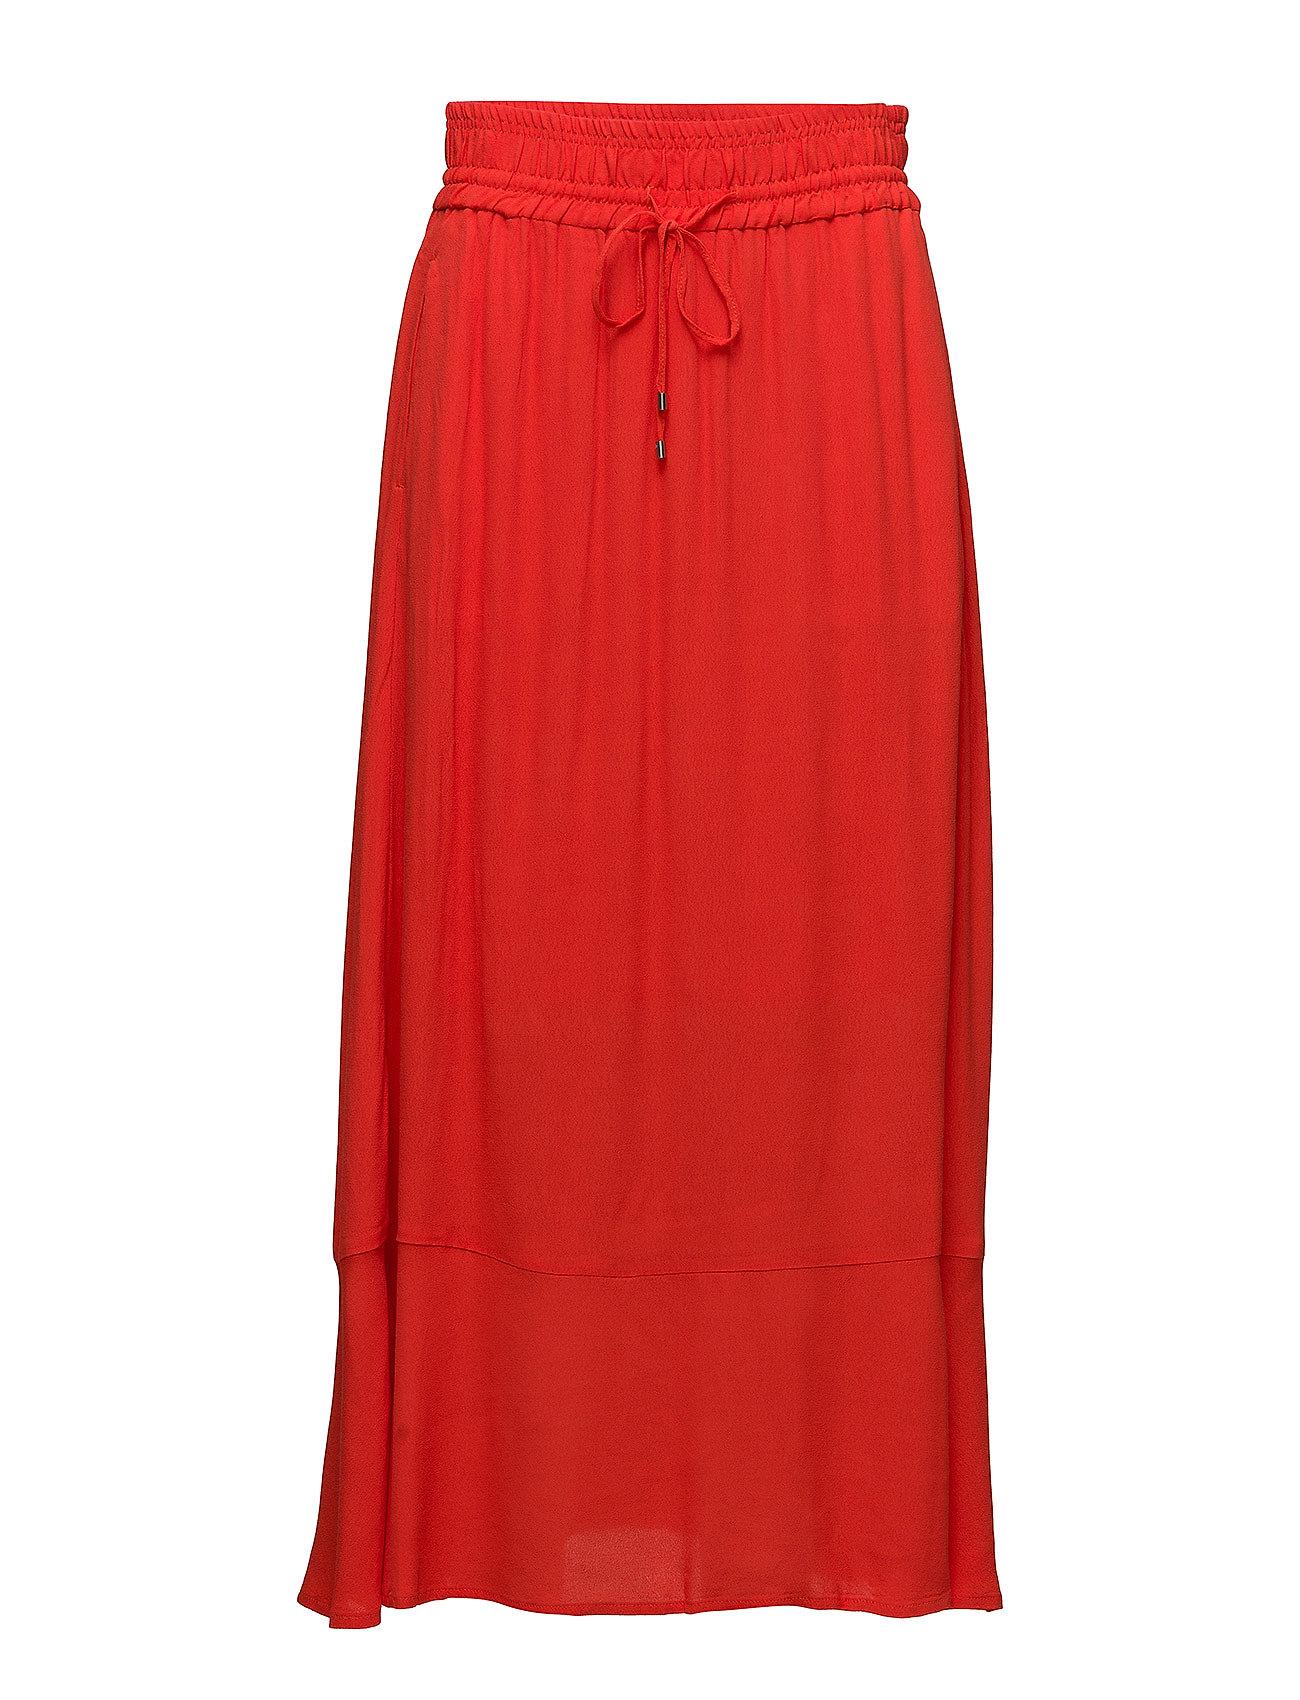 InWear Subira Skirt - FIERY RED